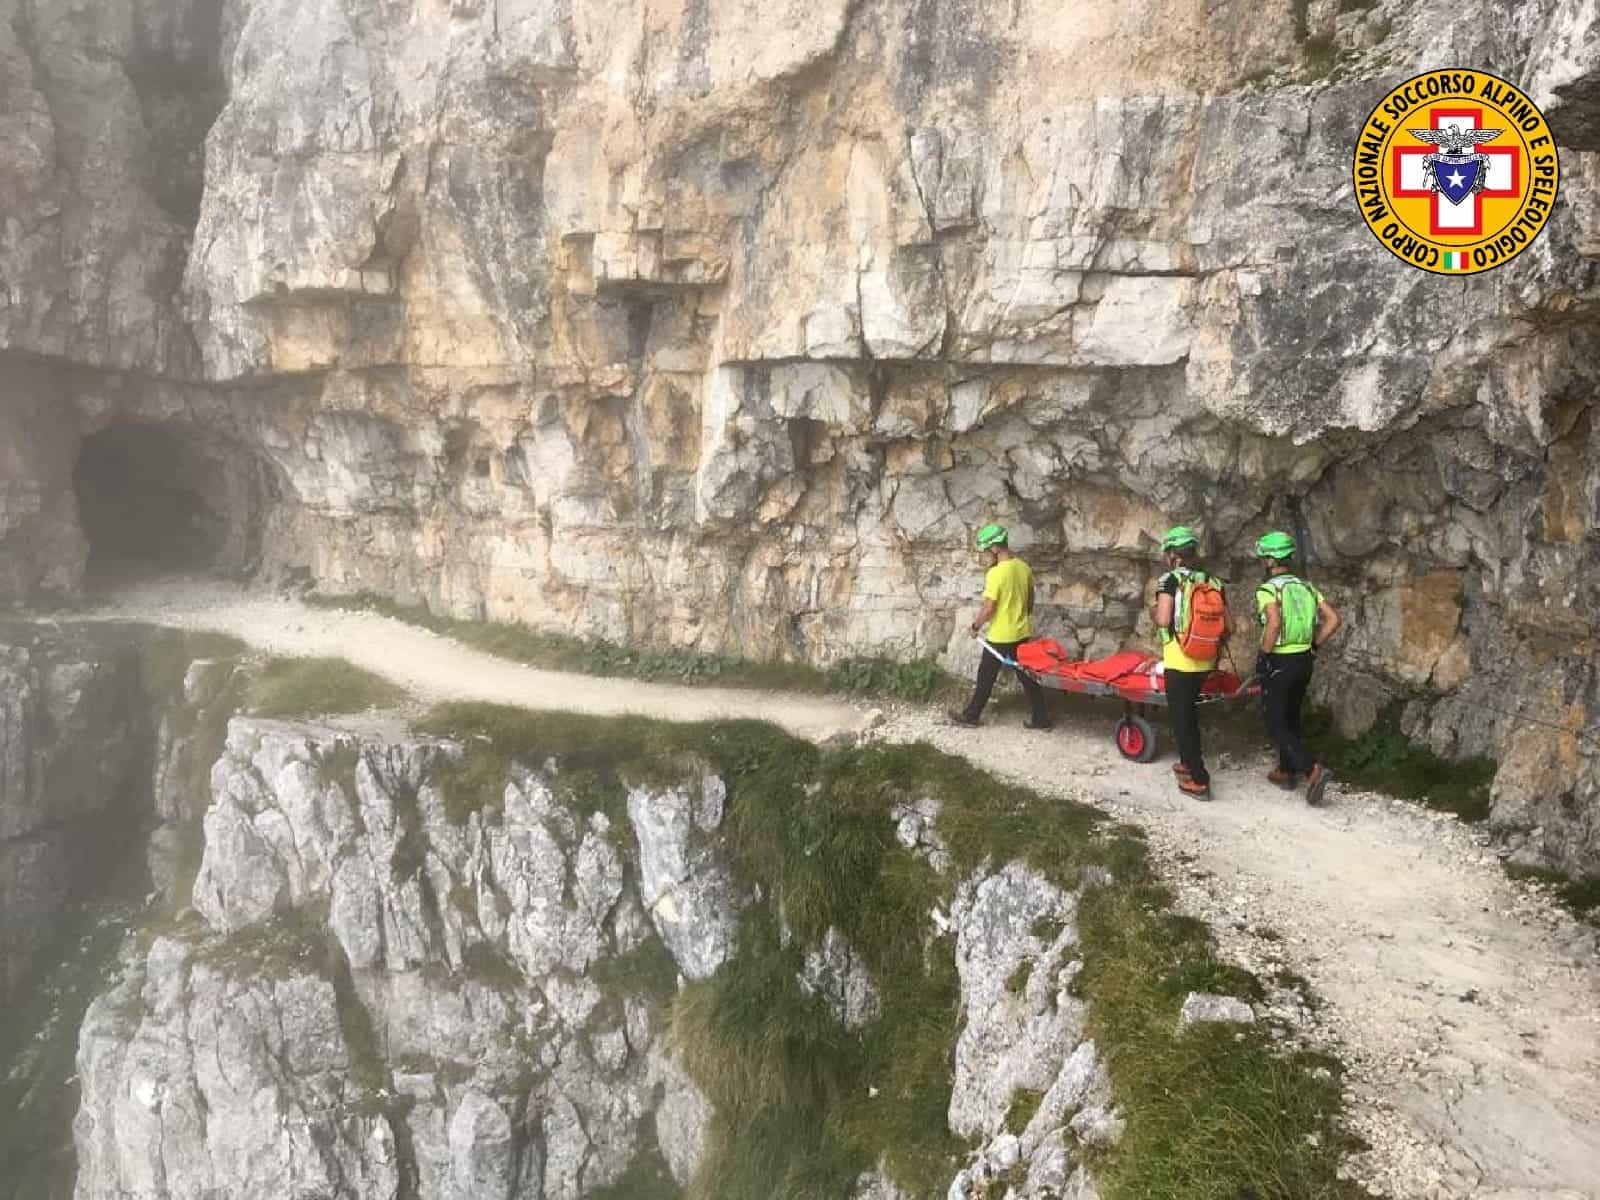 salvataggio escursionisti 1-2